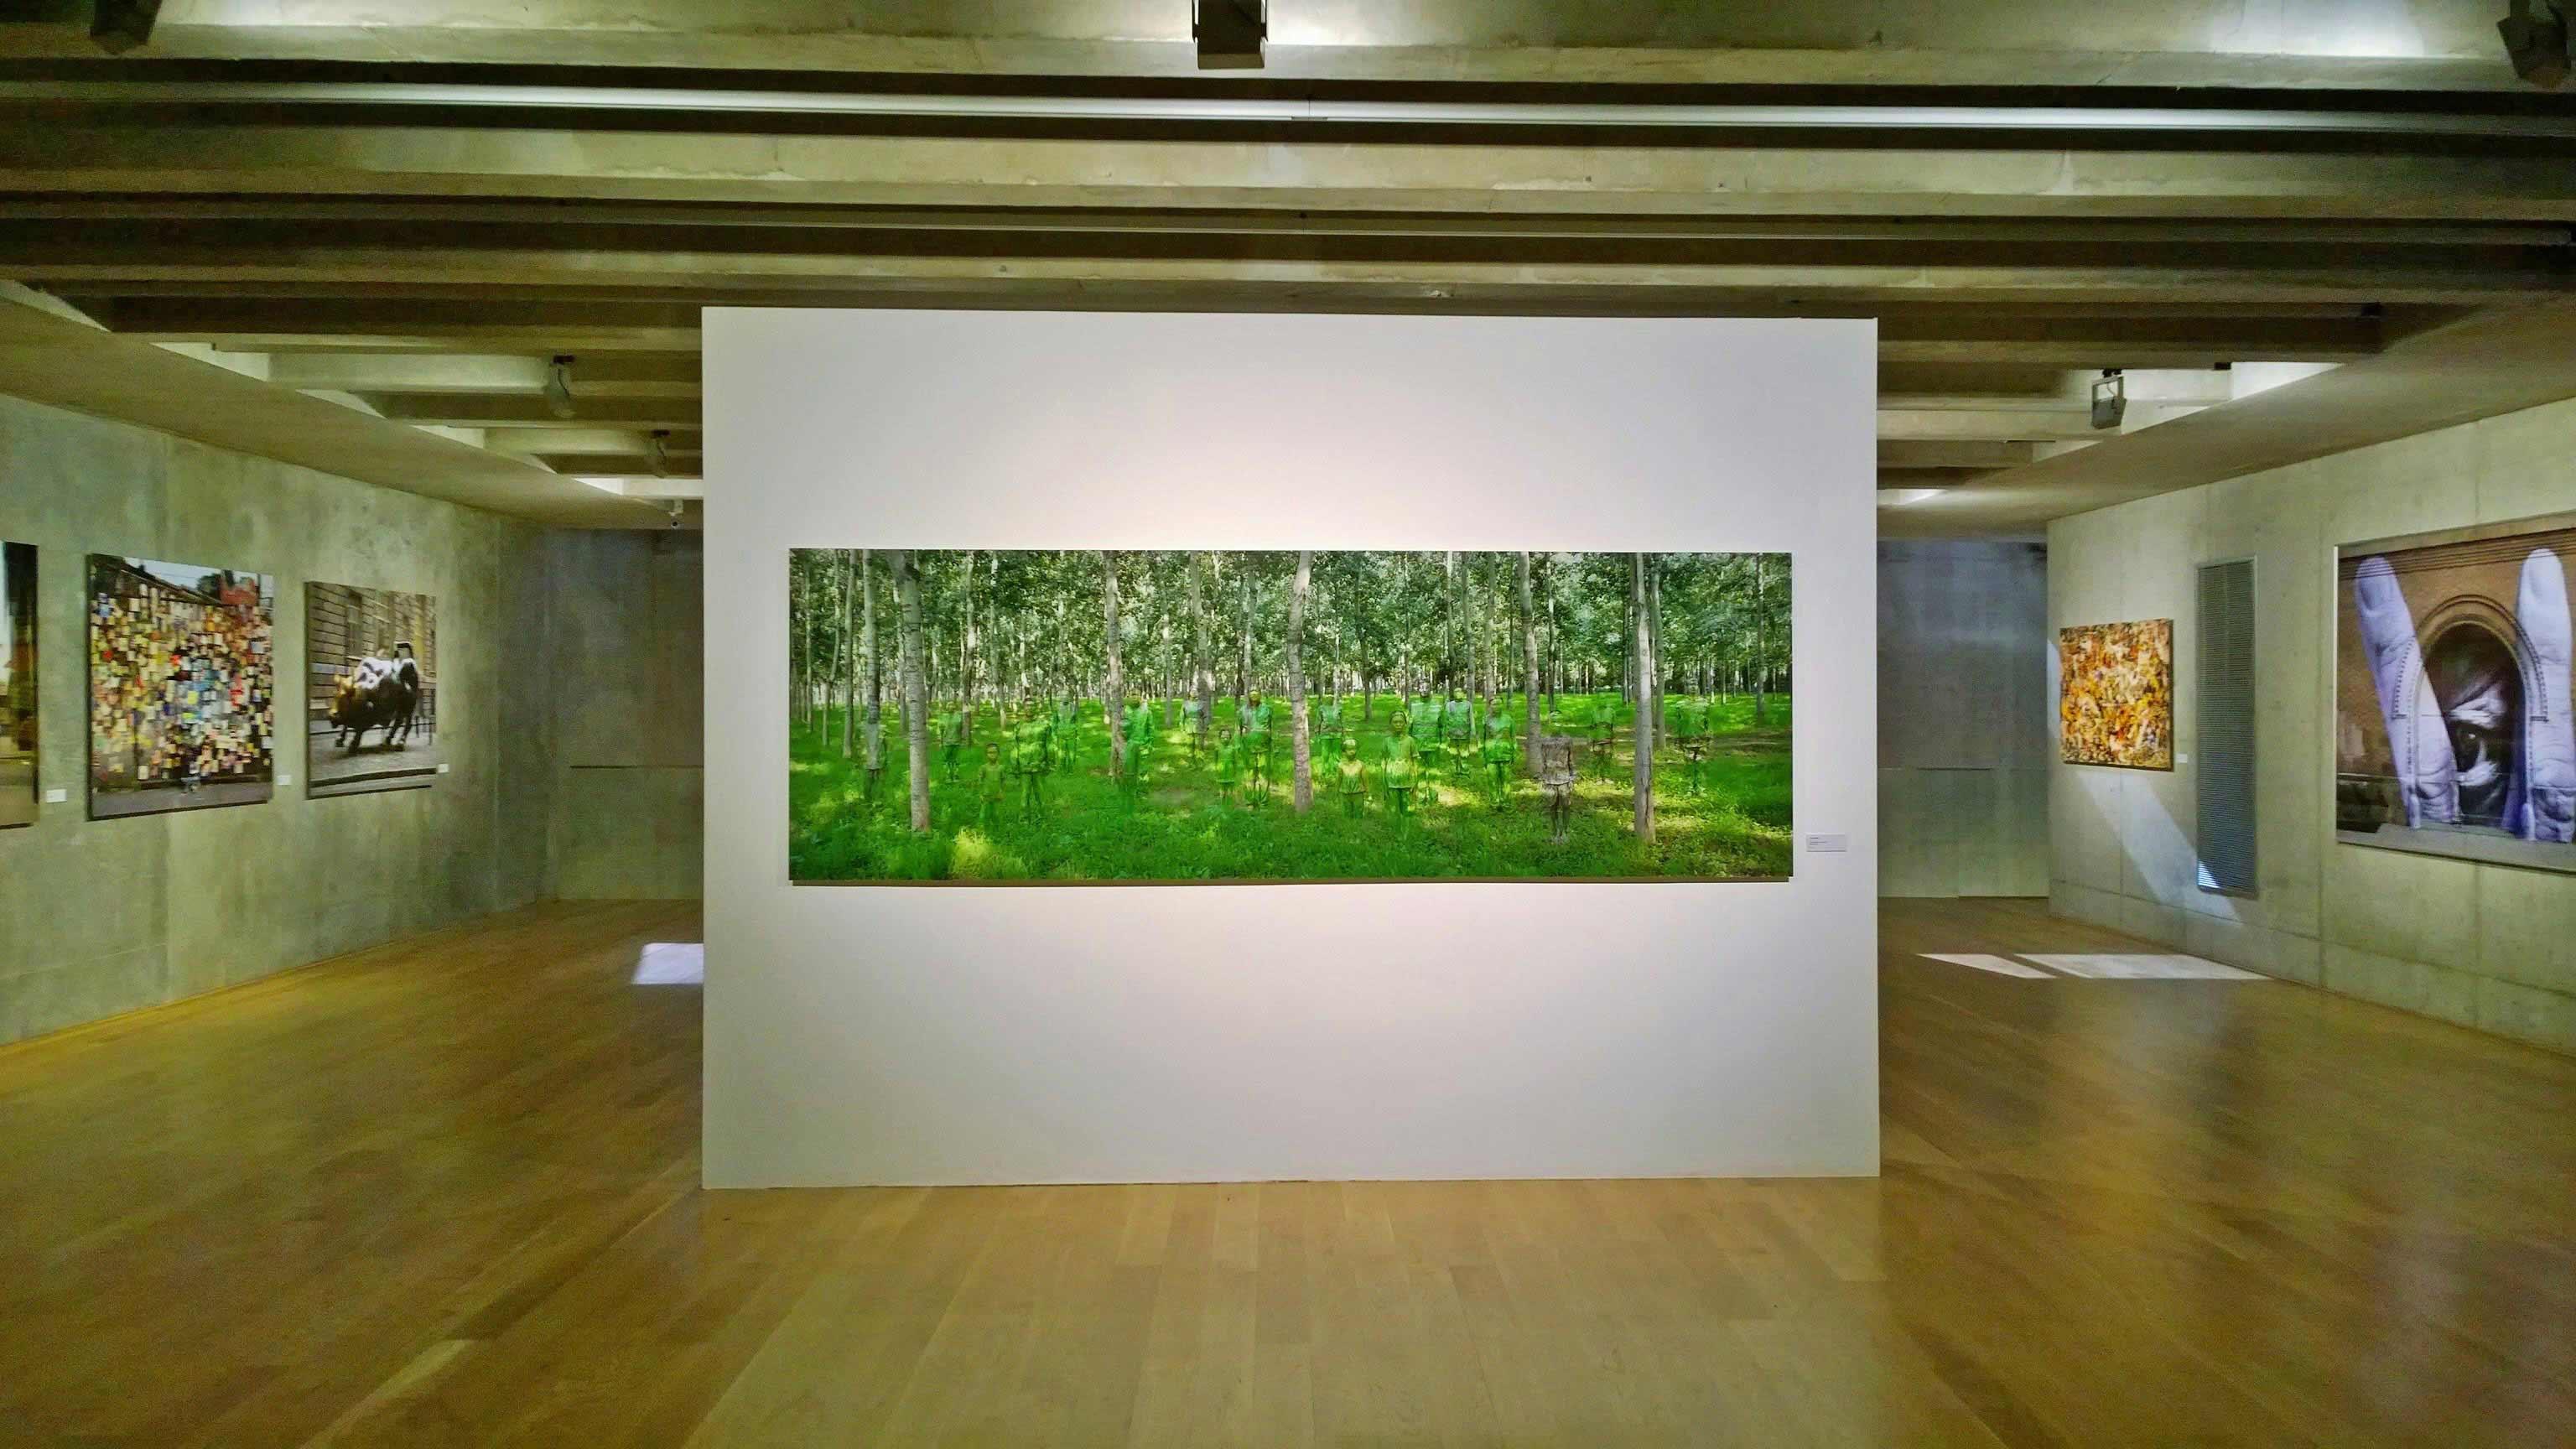 Liu Bolin - Focal Journey (by Gustavo Espinola)